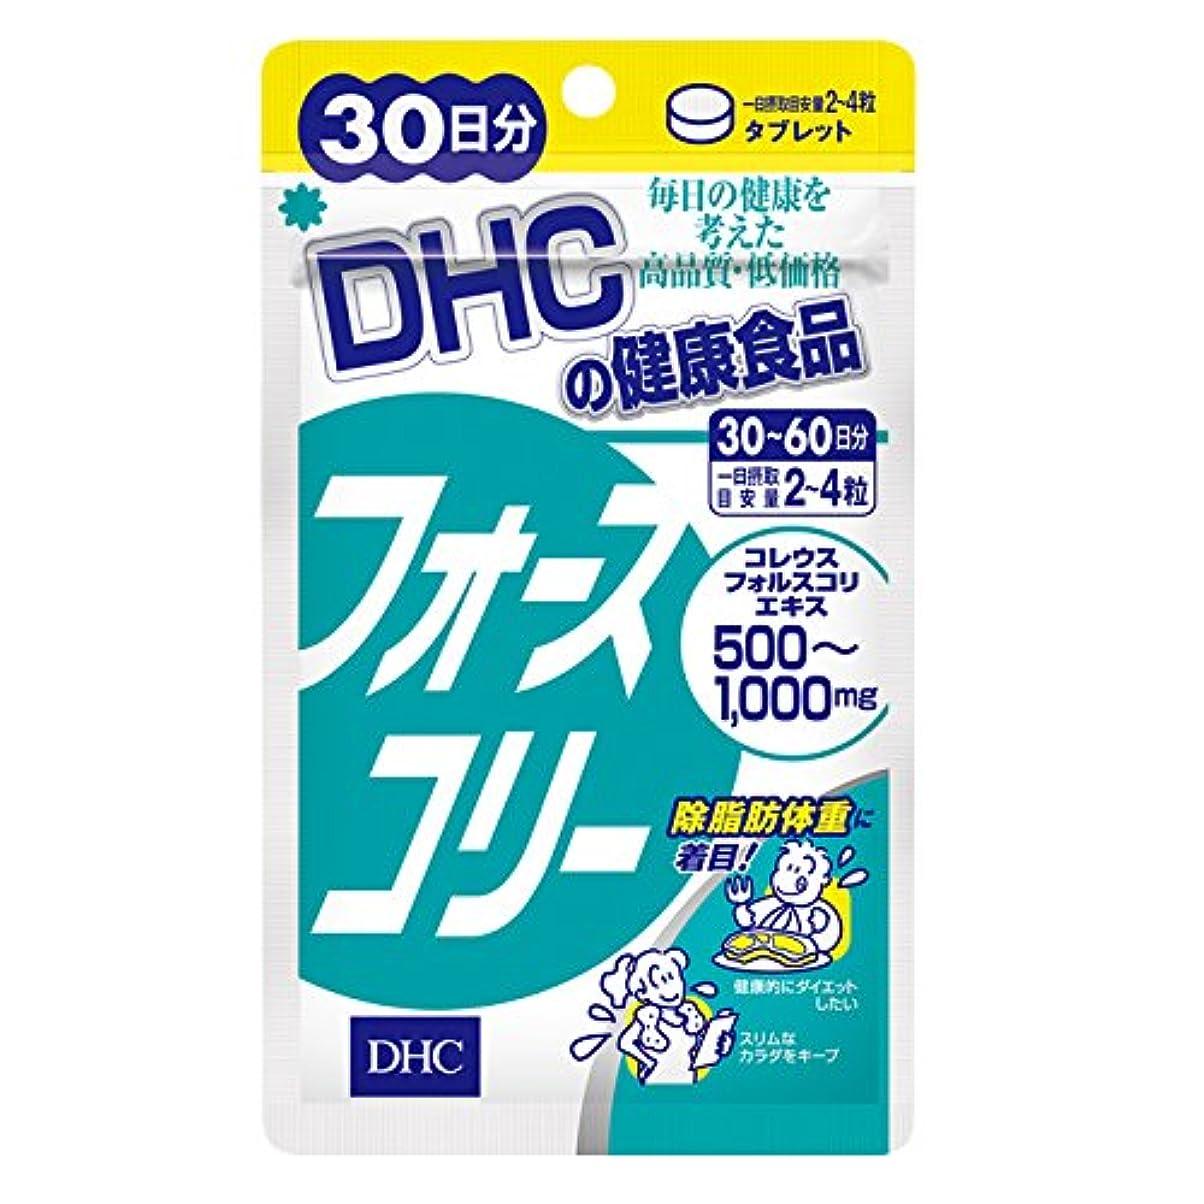 昨日剣株式会社DHC フォースコリー 30日分